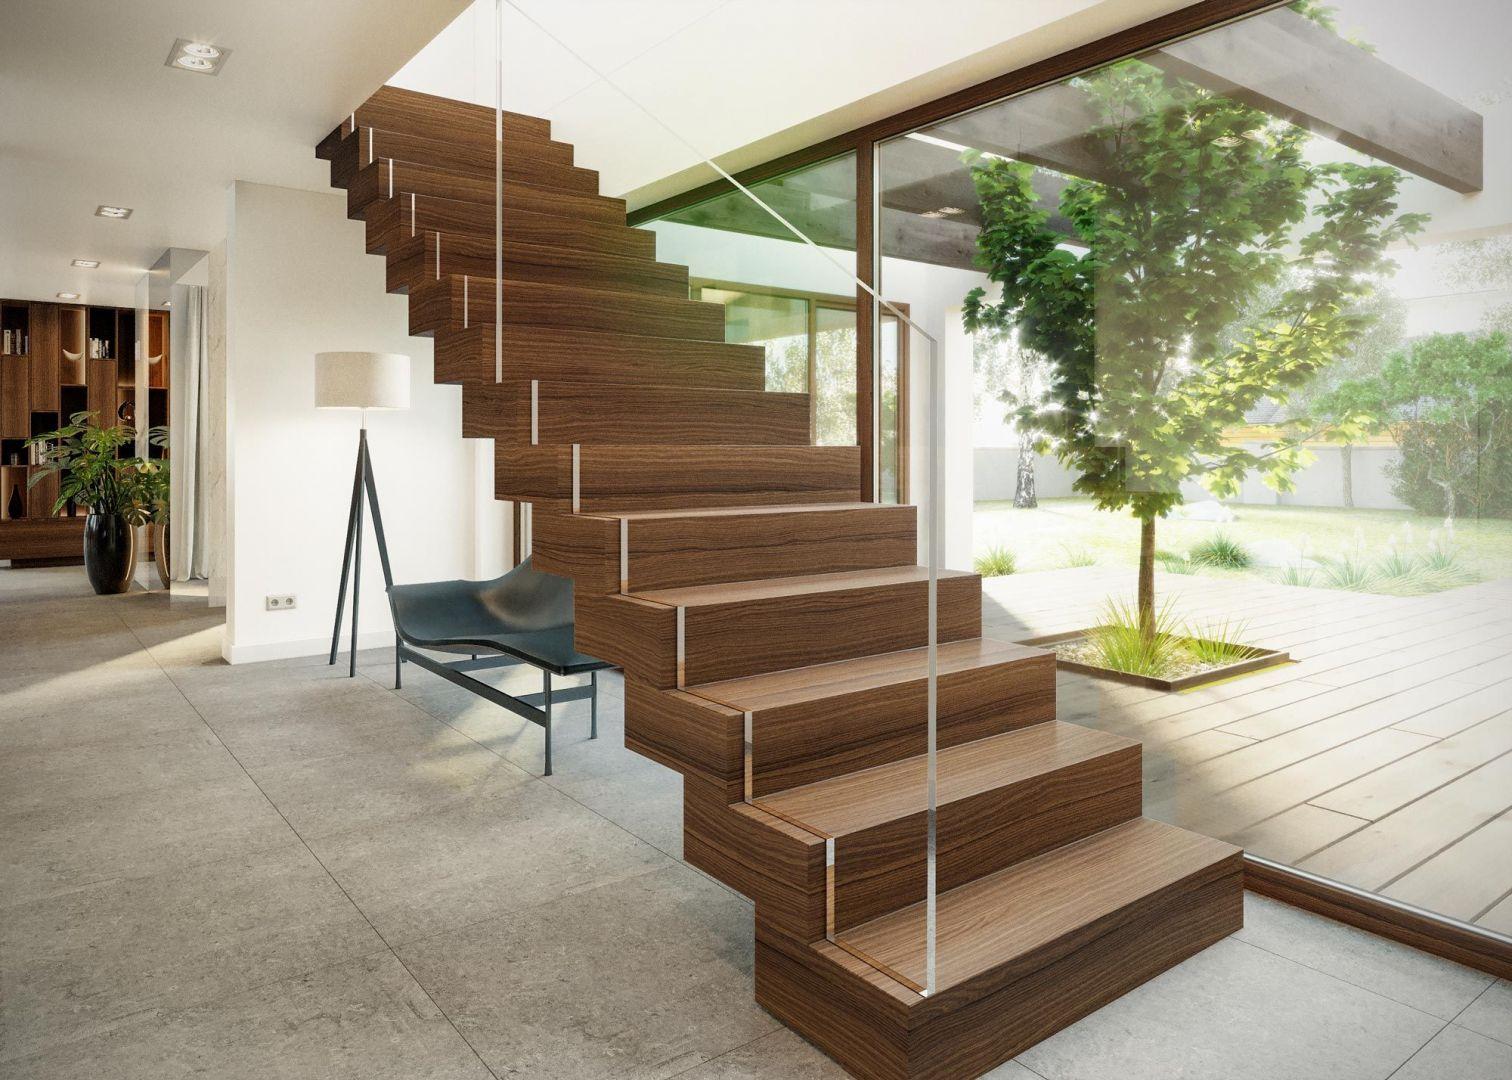 W budynku zaprojektowano schody dywanowe, które zostały ciekawie wyeksponowane na tle dużego, panoramicznego przeszklenia. Dom HomeKoncept 13. Projekt i zdjęcia: HomeKoncept